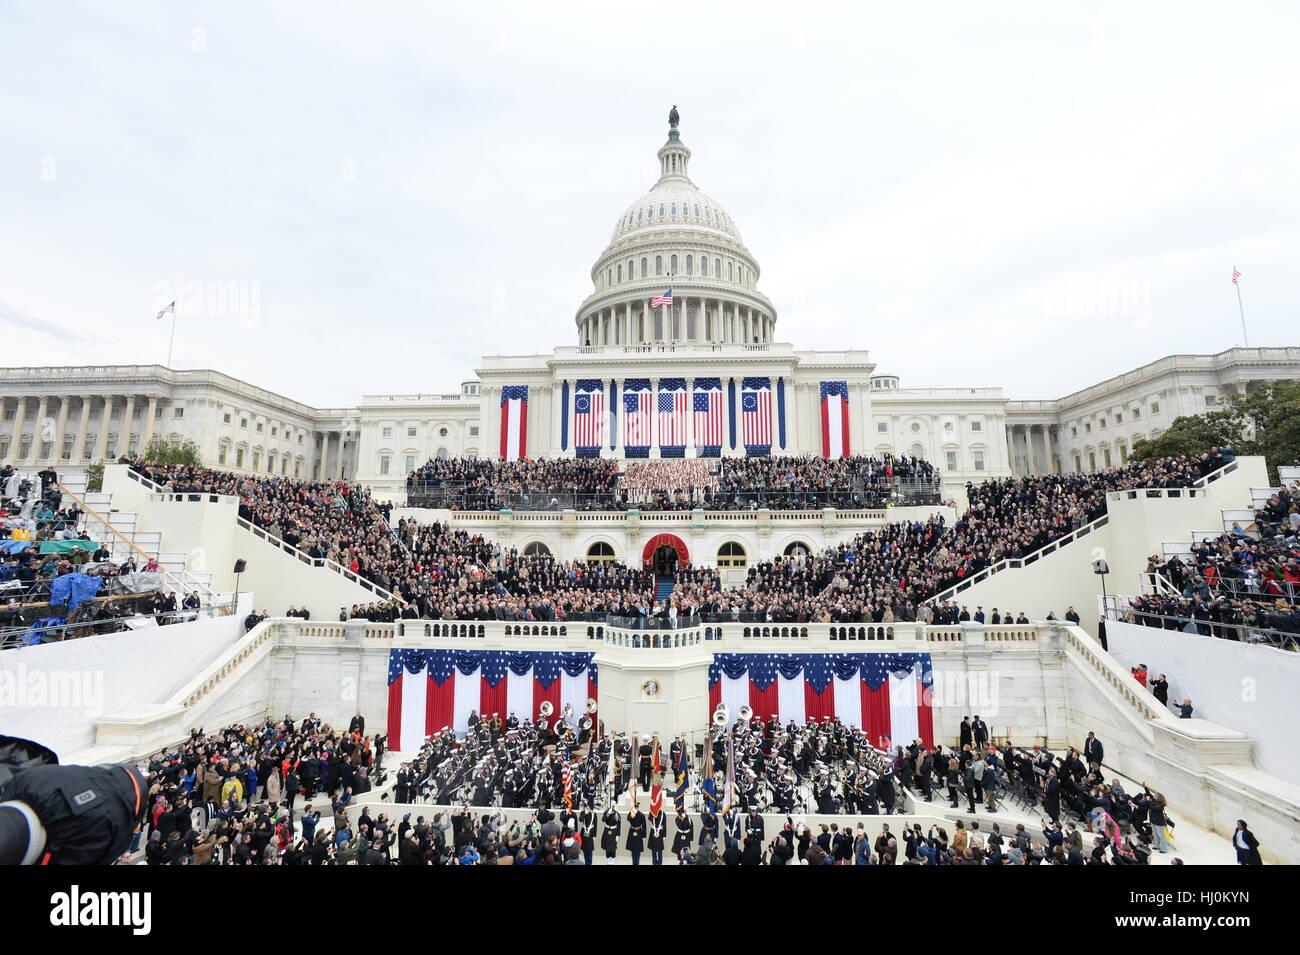 Presidente Donald Trump toma el juramento de cargo en su toma de posesión el 20 de enero de 2017 en Washington, Imagen De Stock